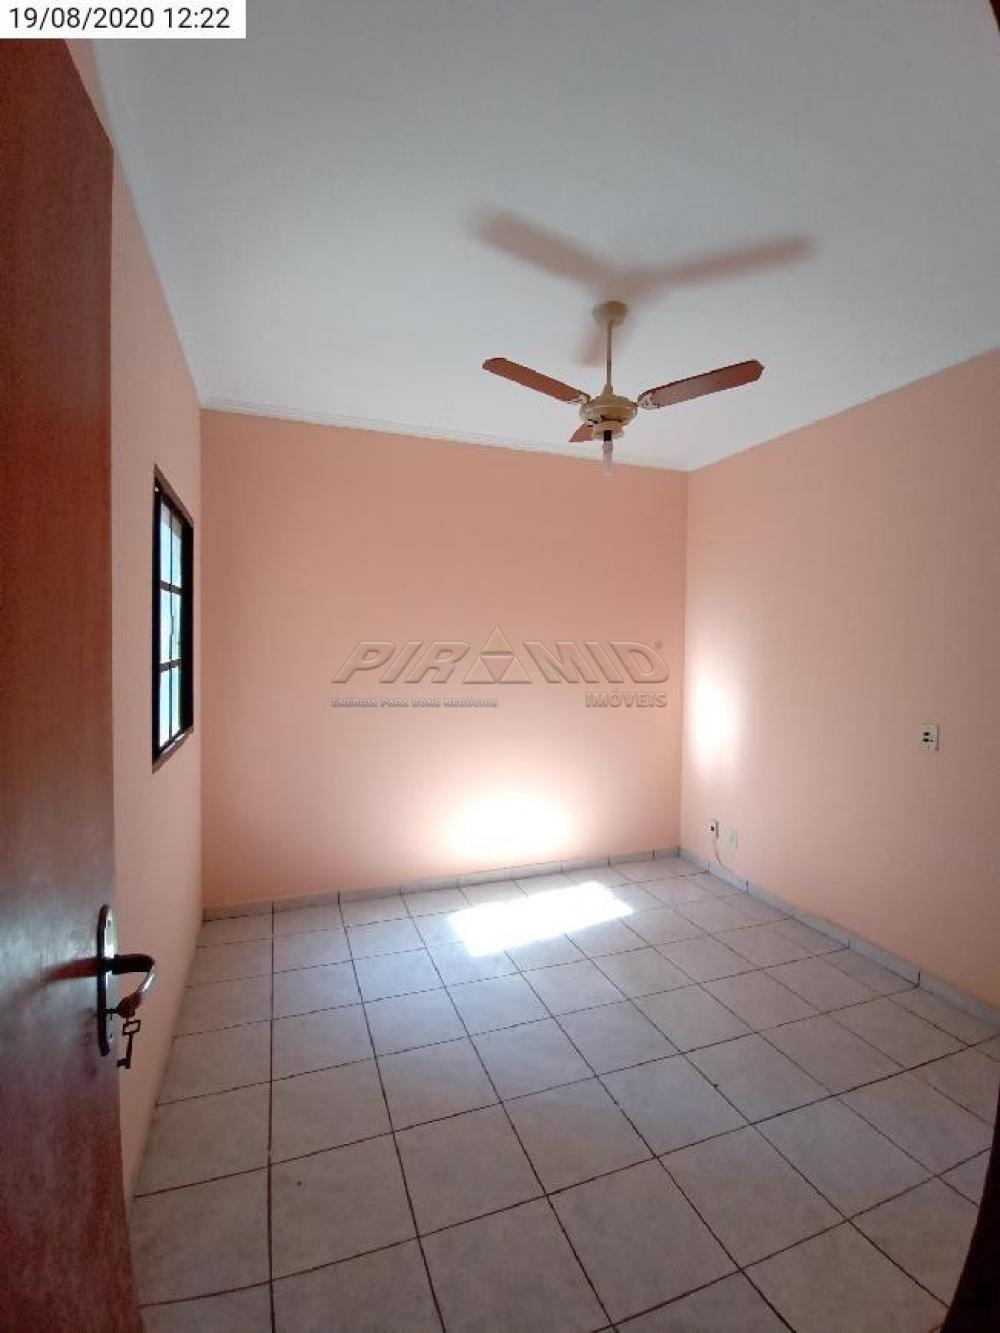 Alugar Apartamento / Padrão em Ribeirão Preto R$ 675,00 - Foto 6